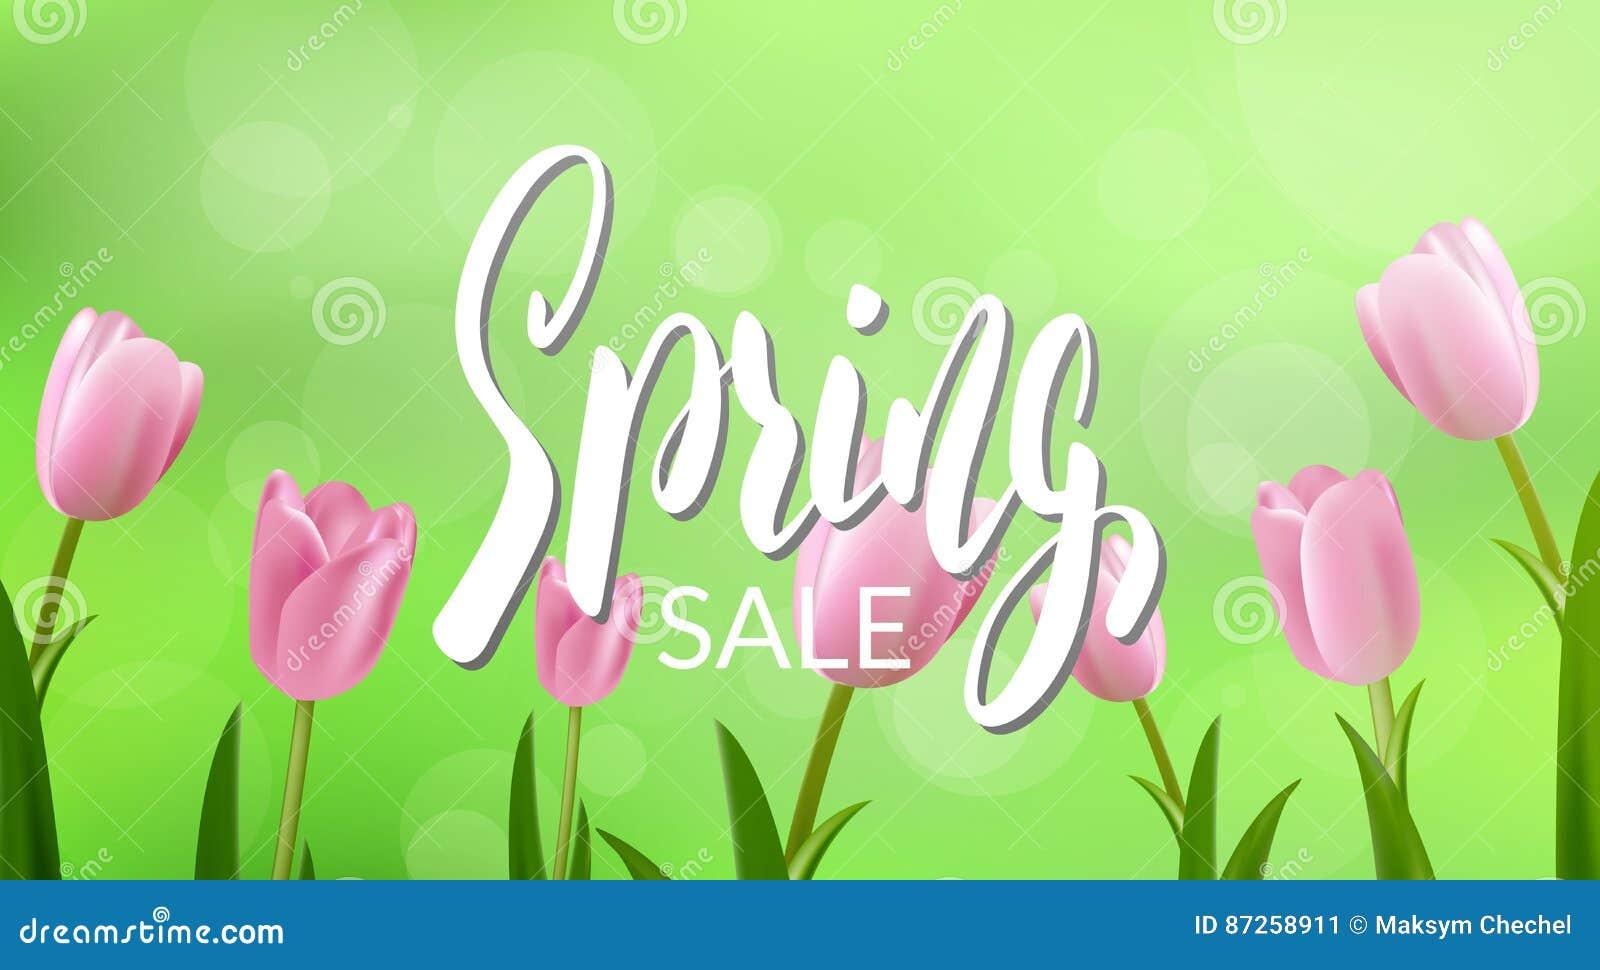 Πώληση άνοιξη Έμβλημα με την καλλιγραφία και λουλούδια για την εποχιακή πώληση